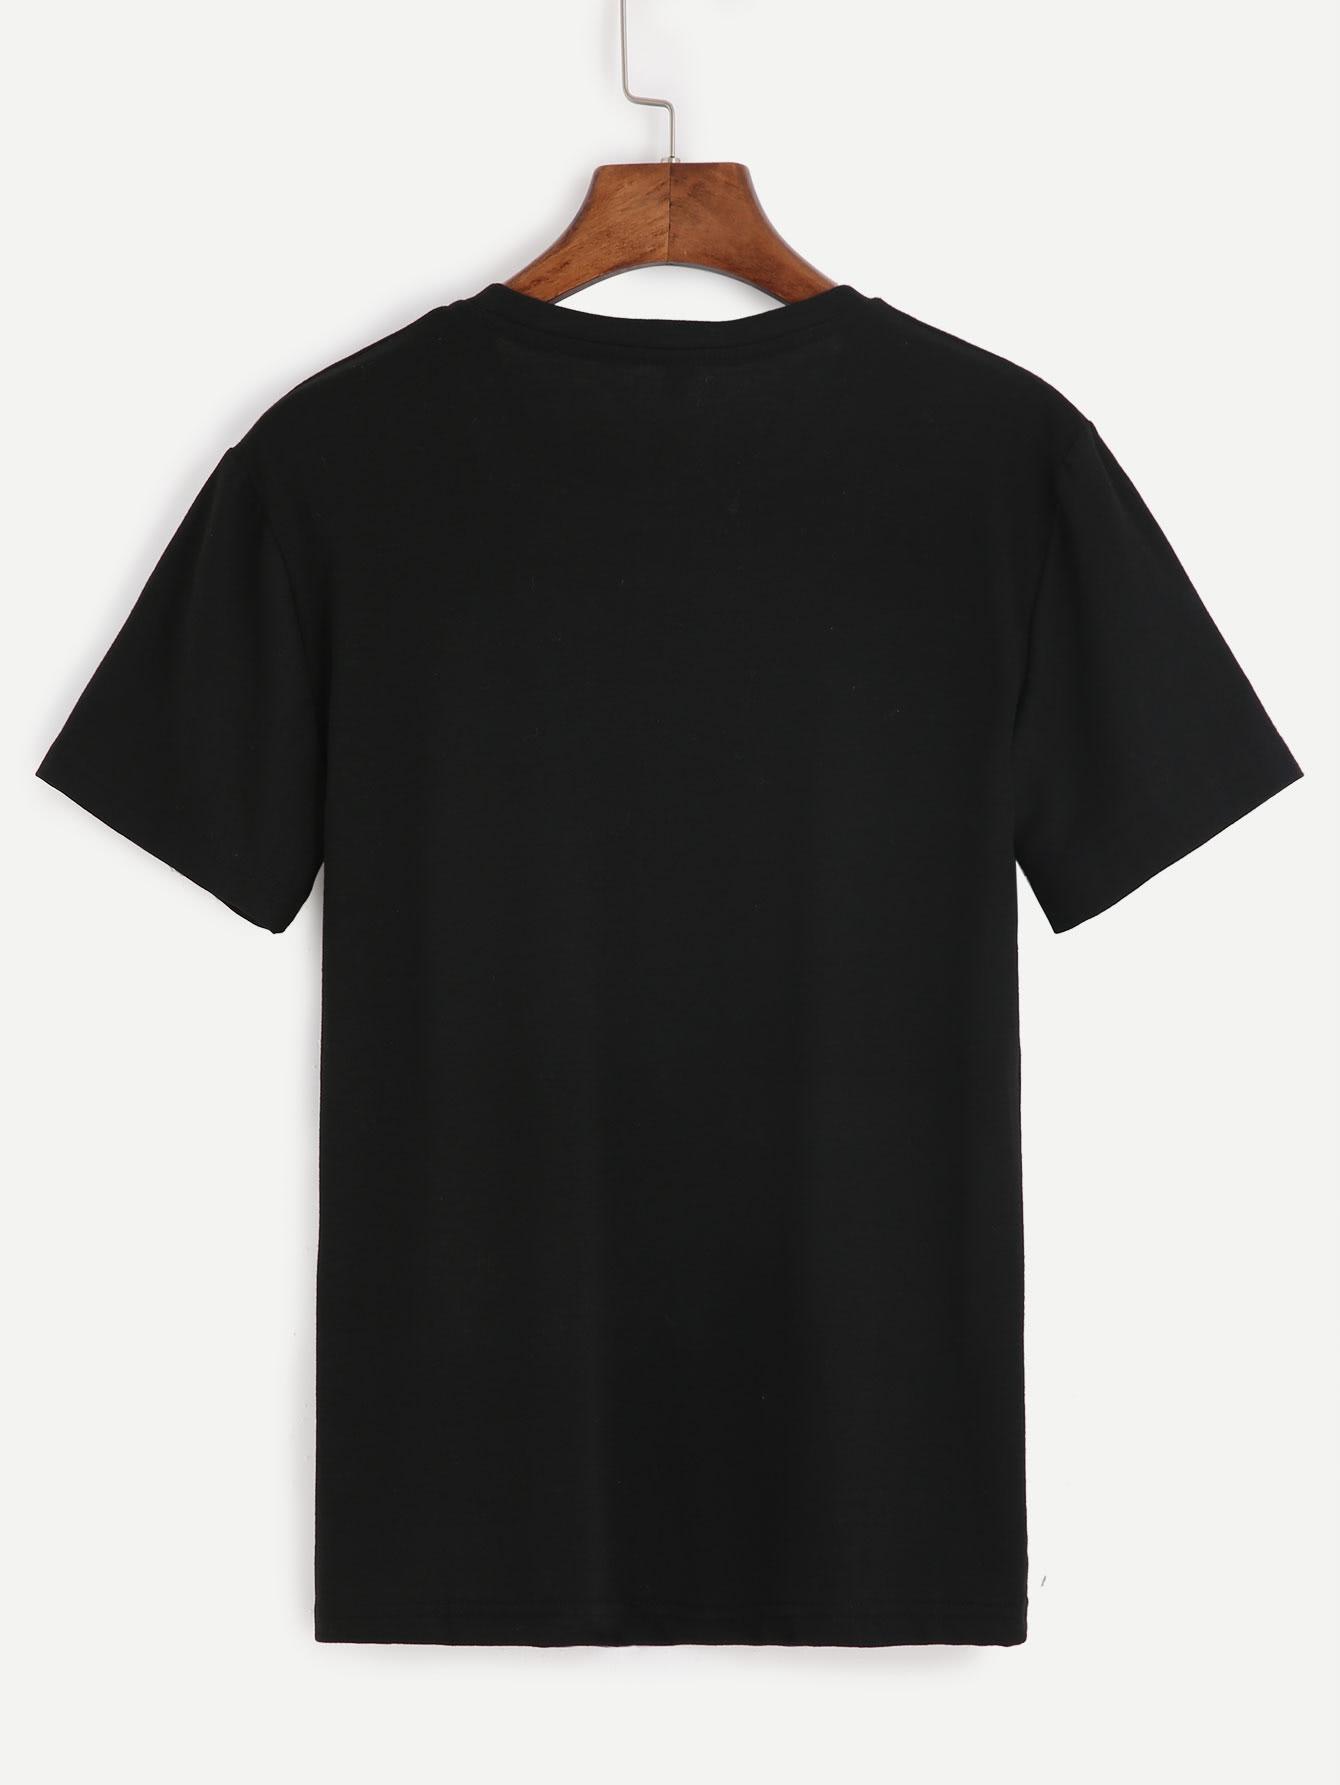 da4f090266 Slogan Print T-shirt | SHEIN